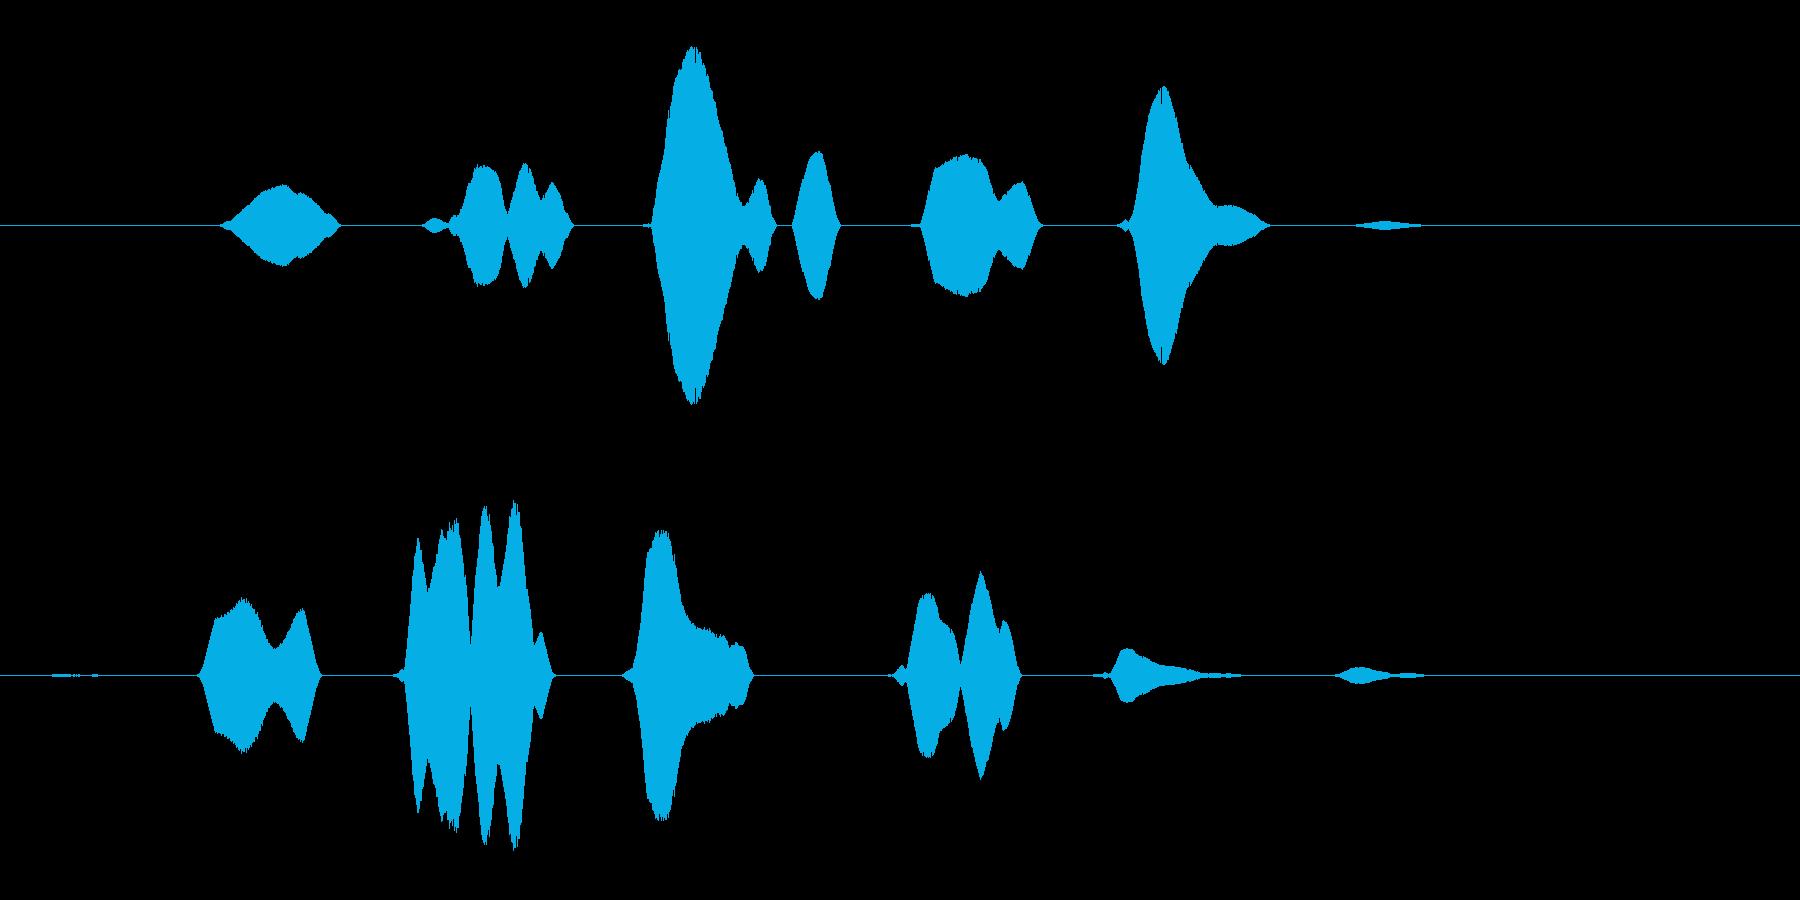 リリリン (涼しげな虫の羽音)の再生済みの波形